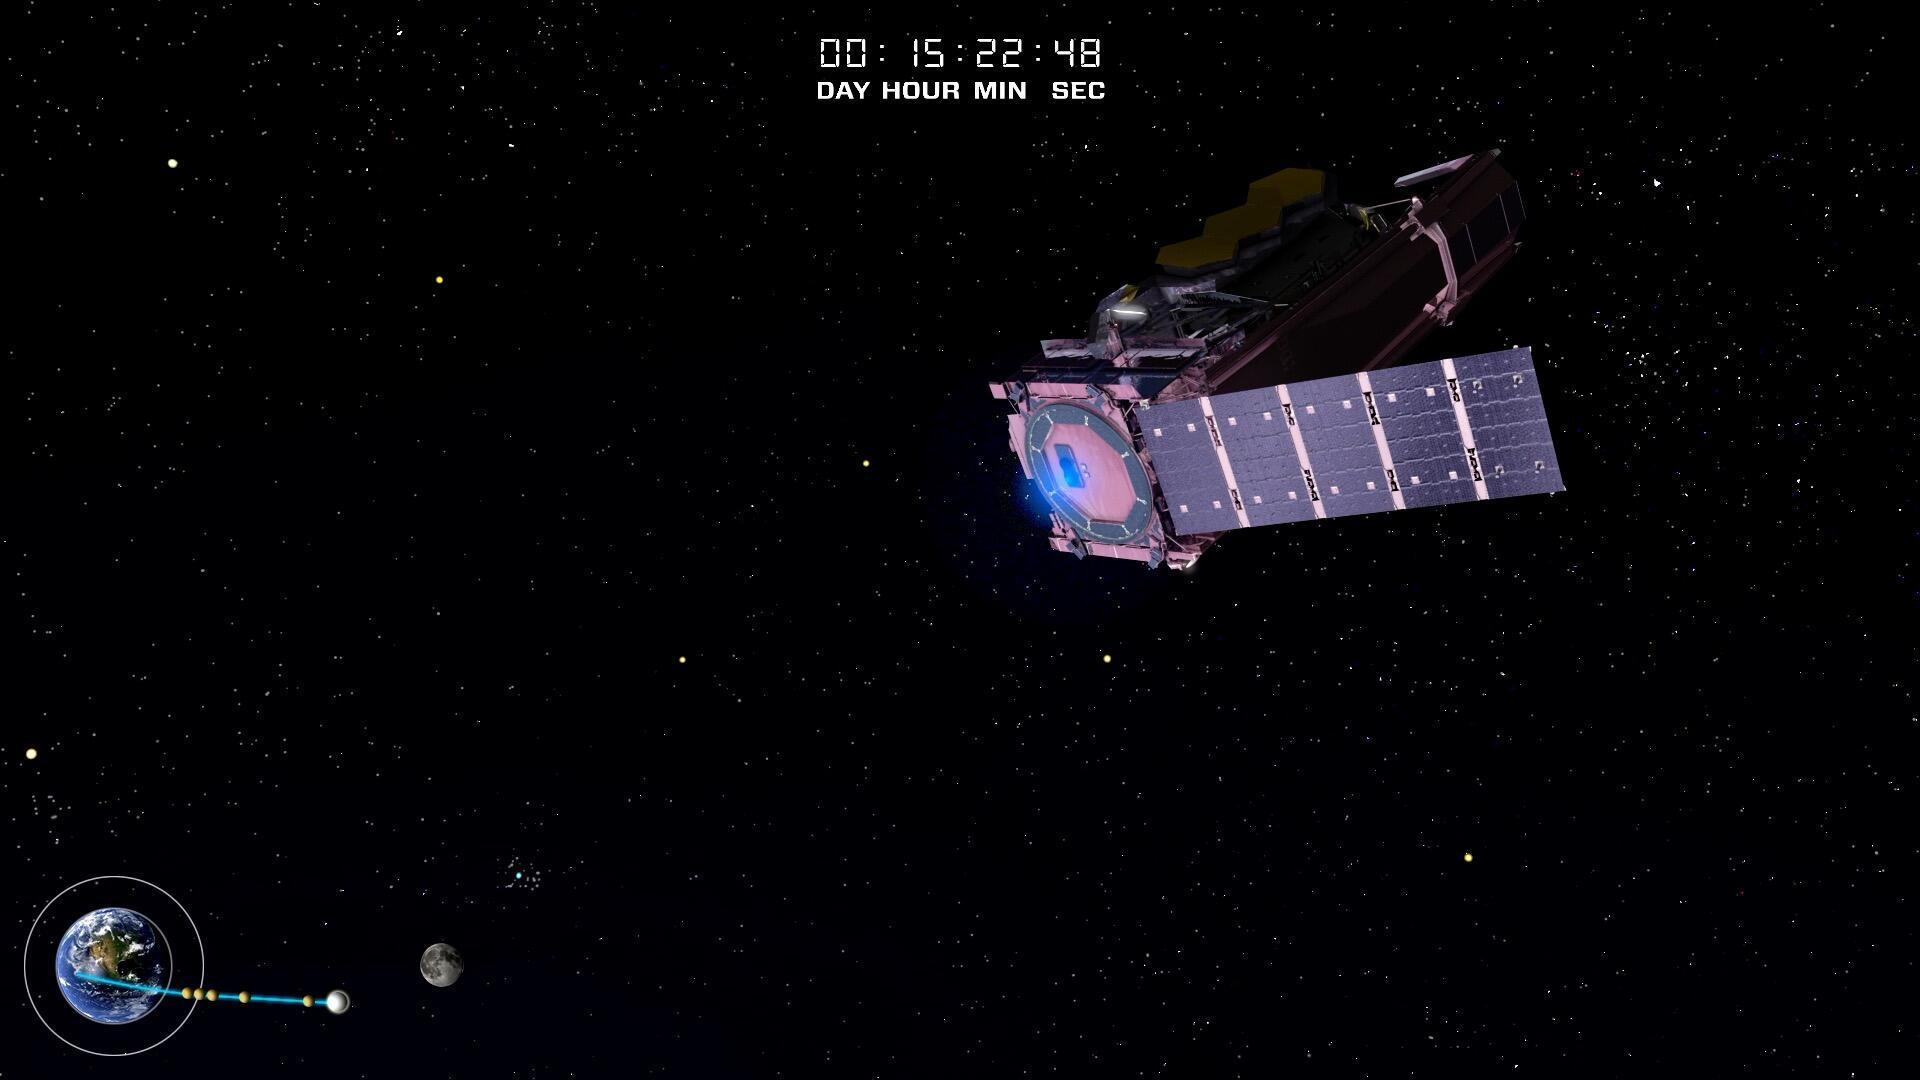 jwst-launch-2